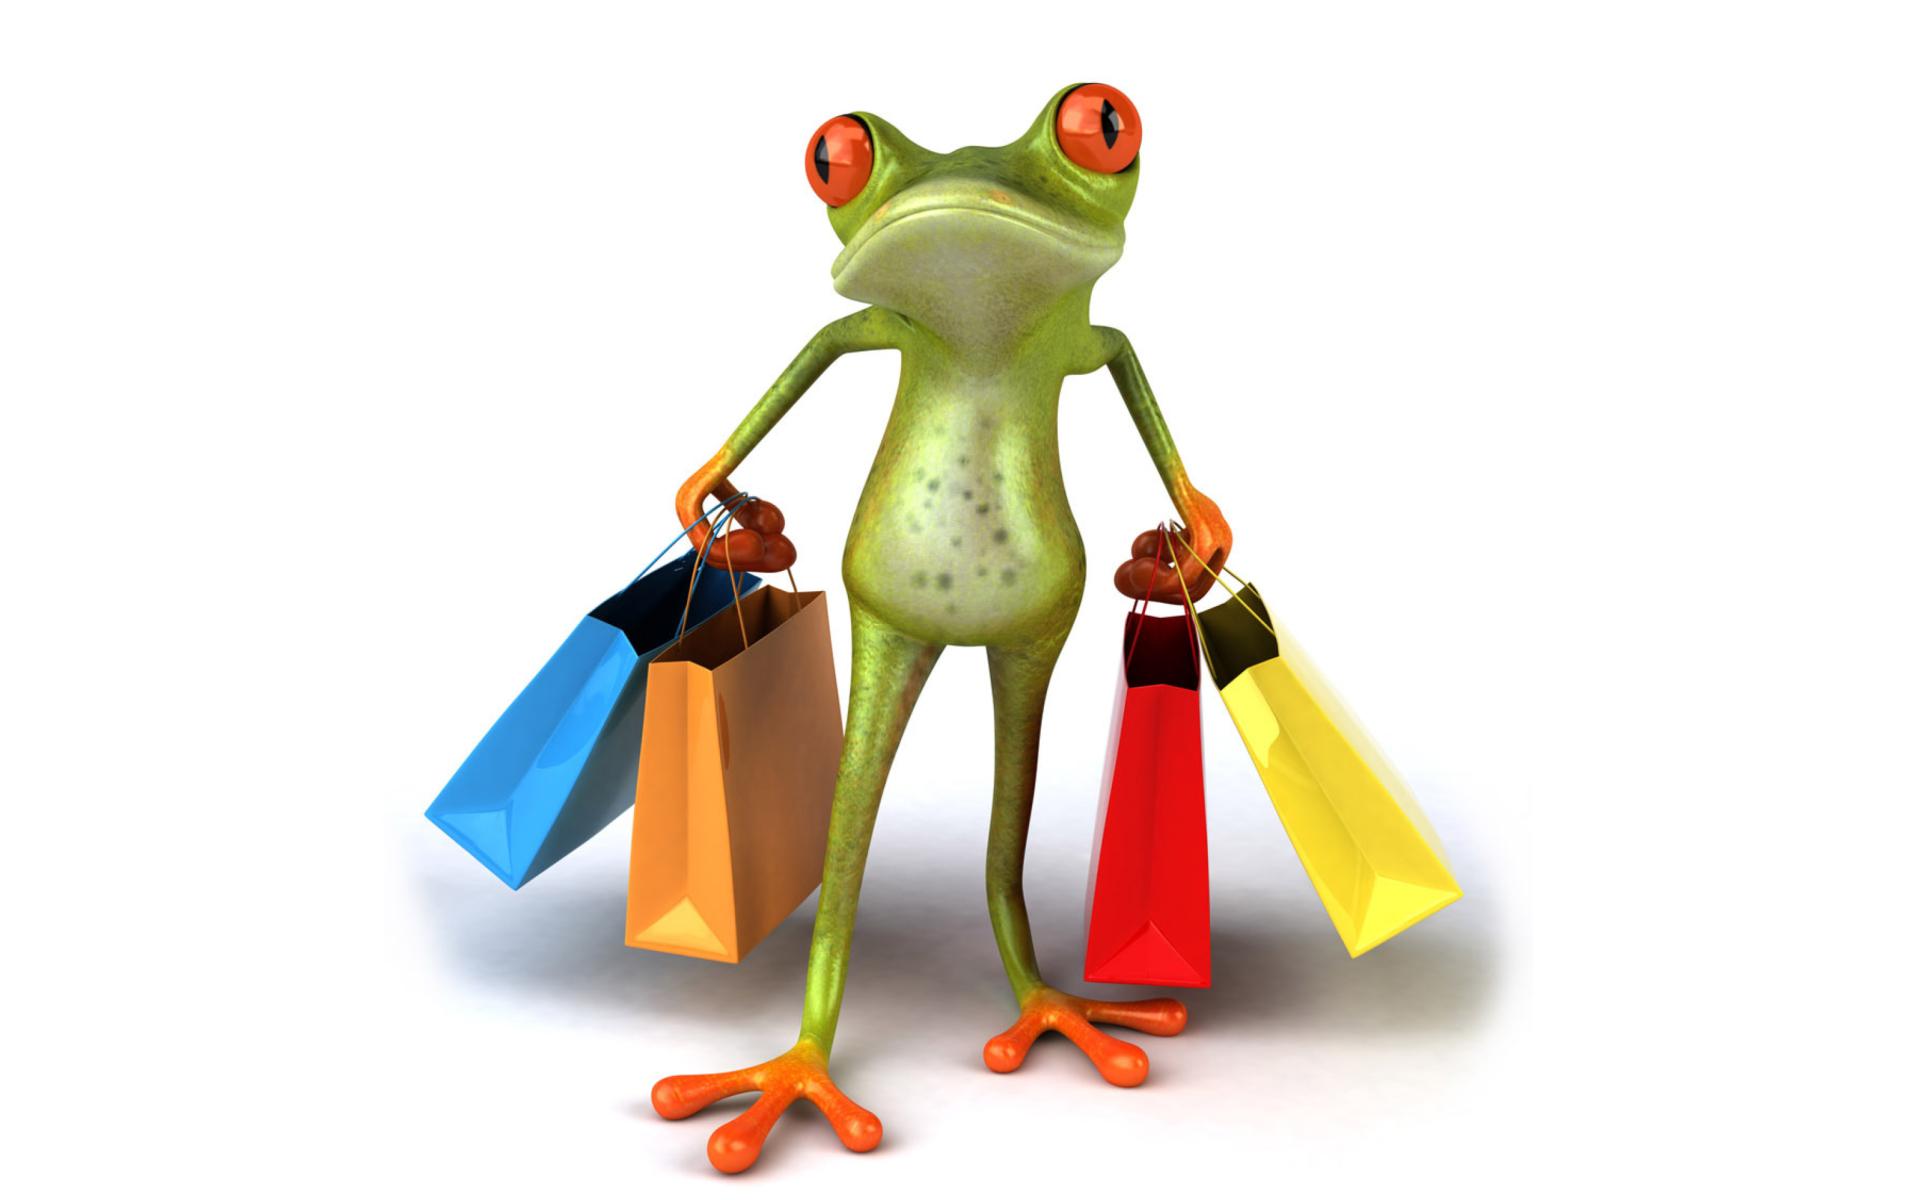 Юбилеем, шоппинг смешная картинка